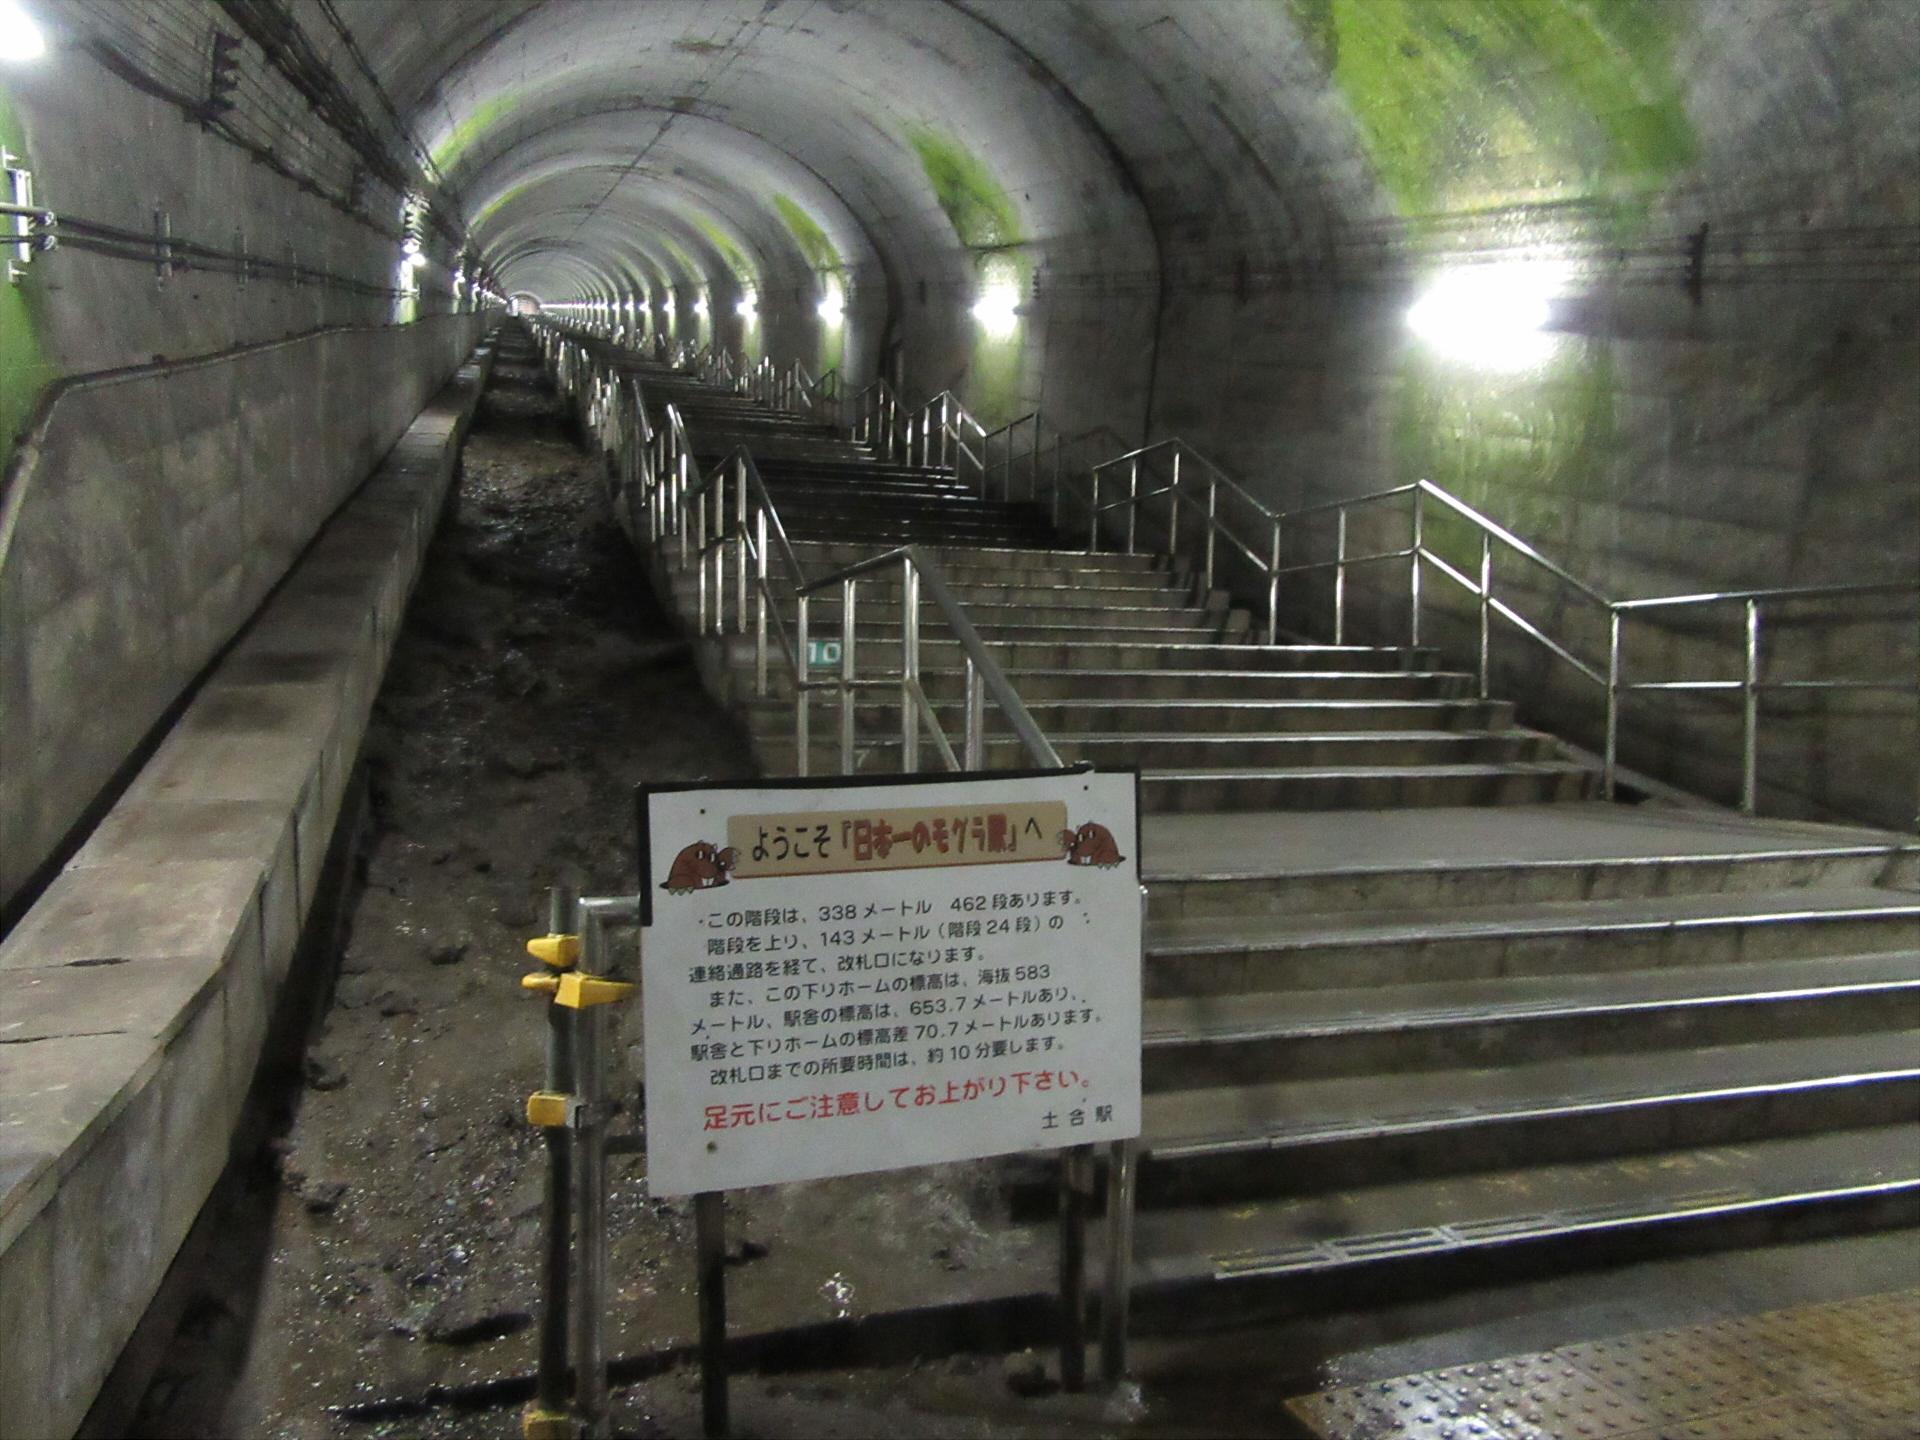 【画像】下り地下ホーム階段終点